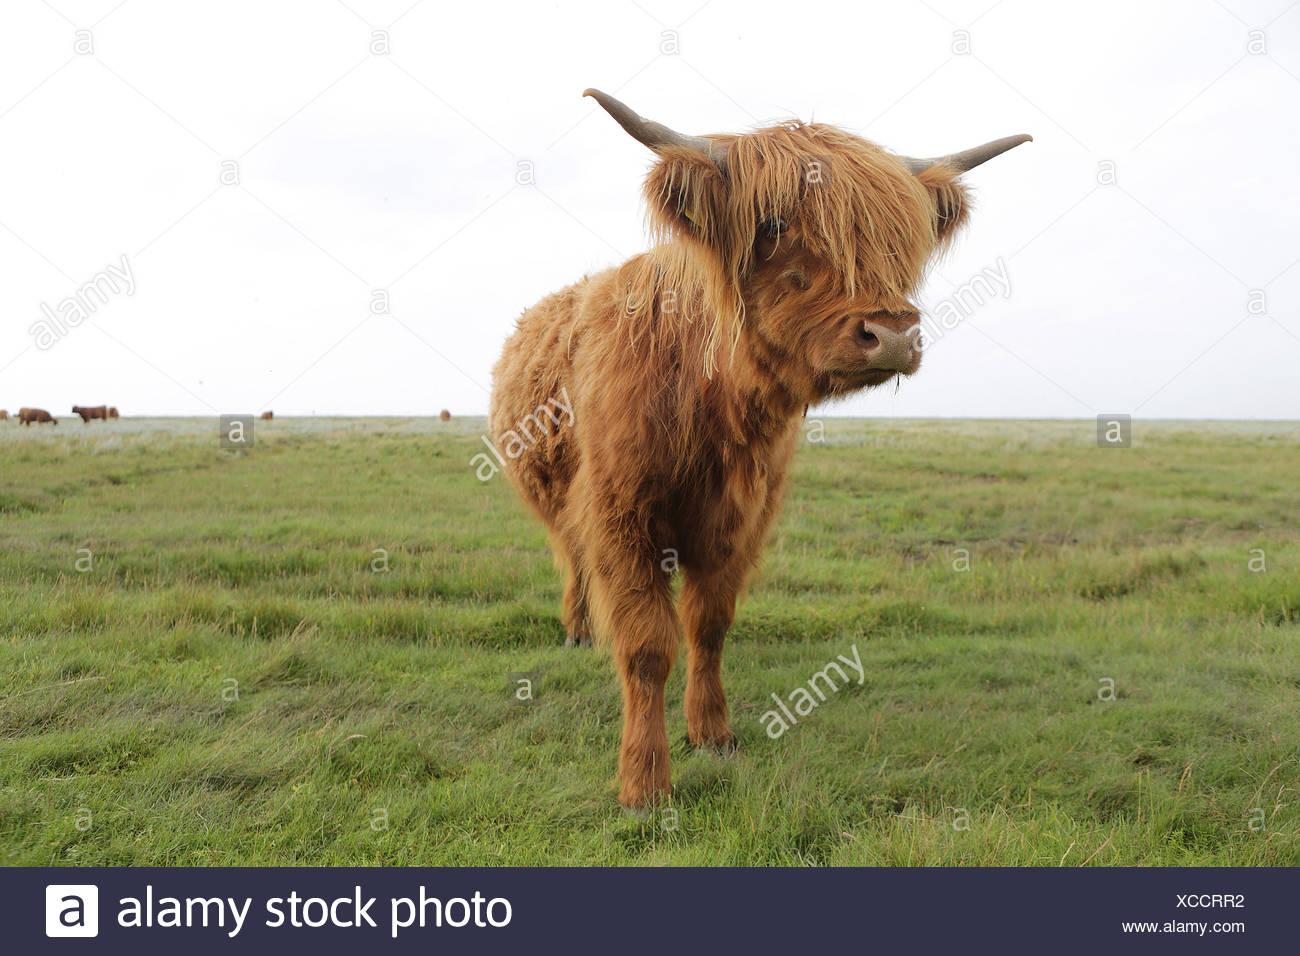 Germany, Lower Saxony, East Frisia, Langeoog, highland cattle Stock Photo